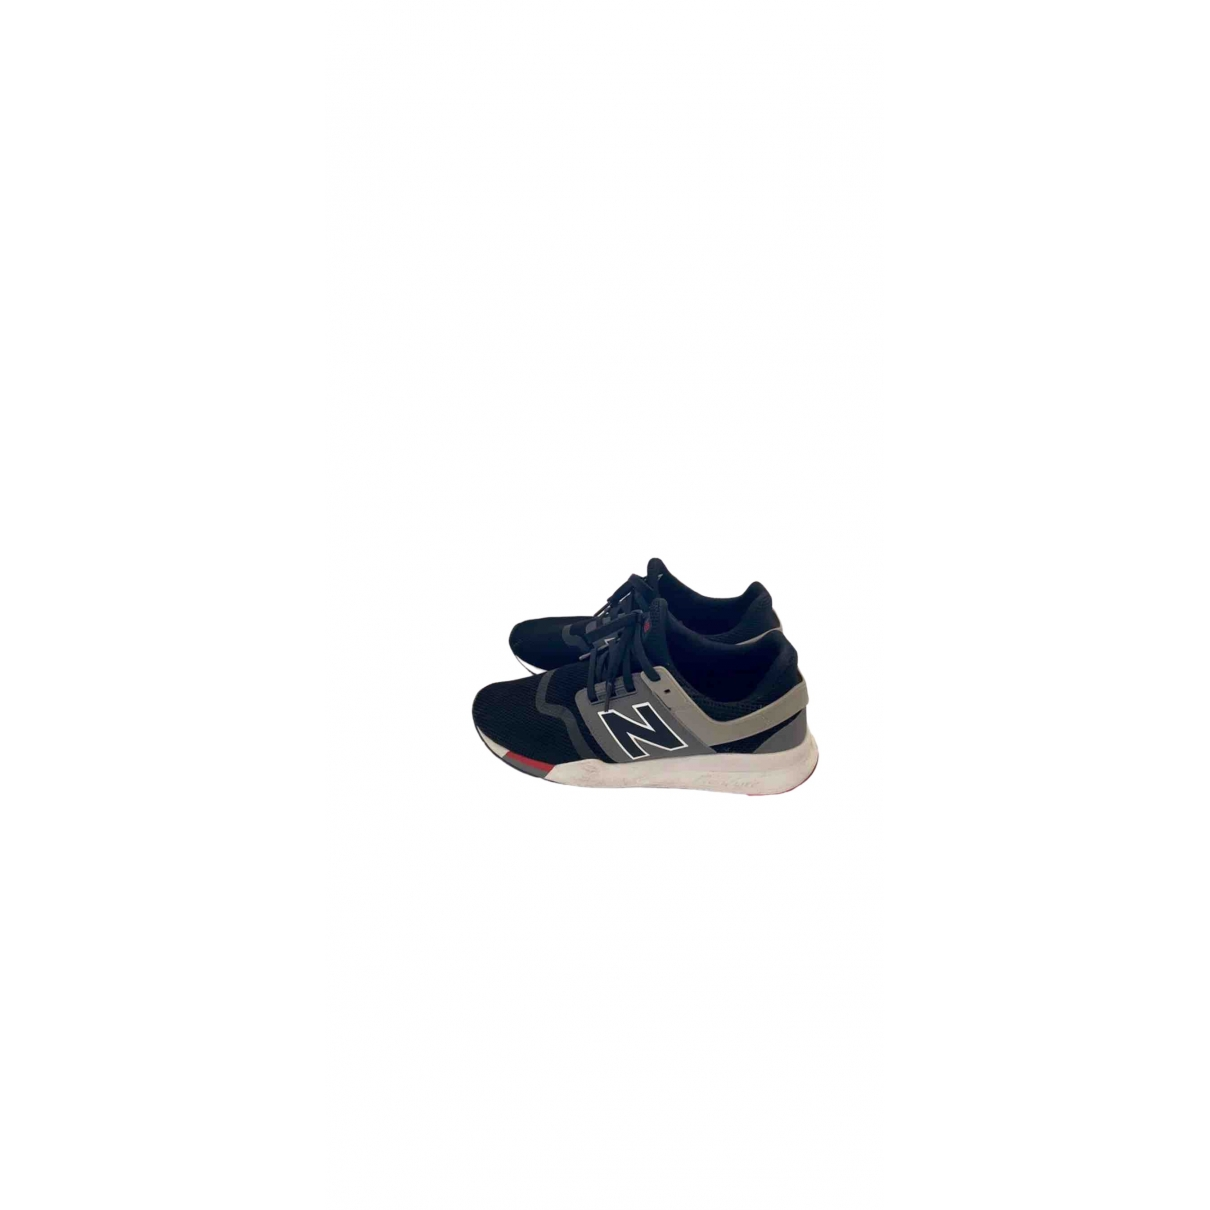 New Balance - Baskets   pour homme en toile - noir